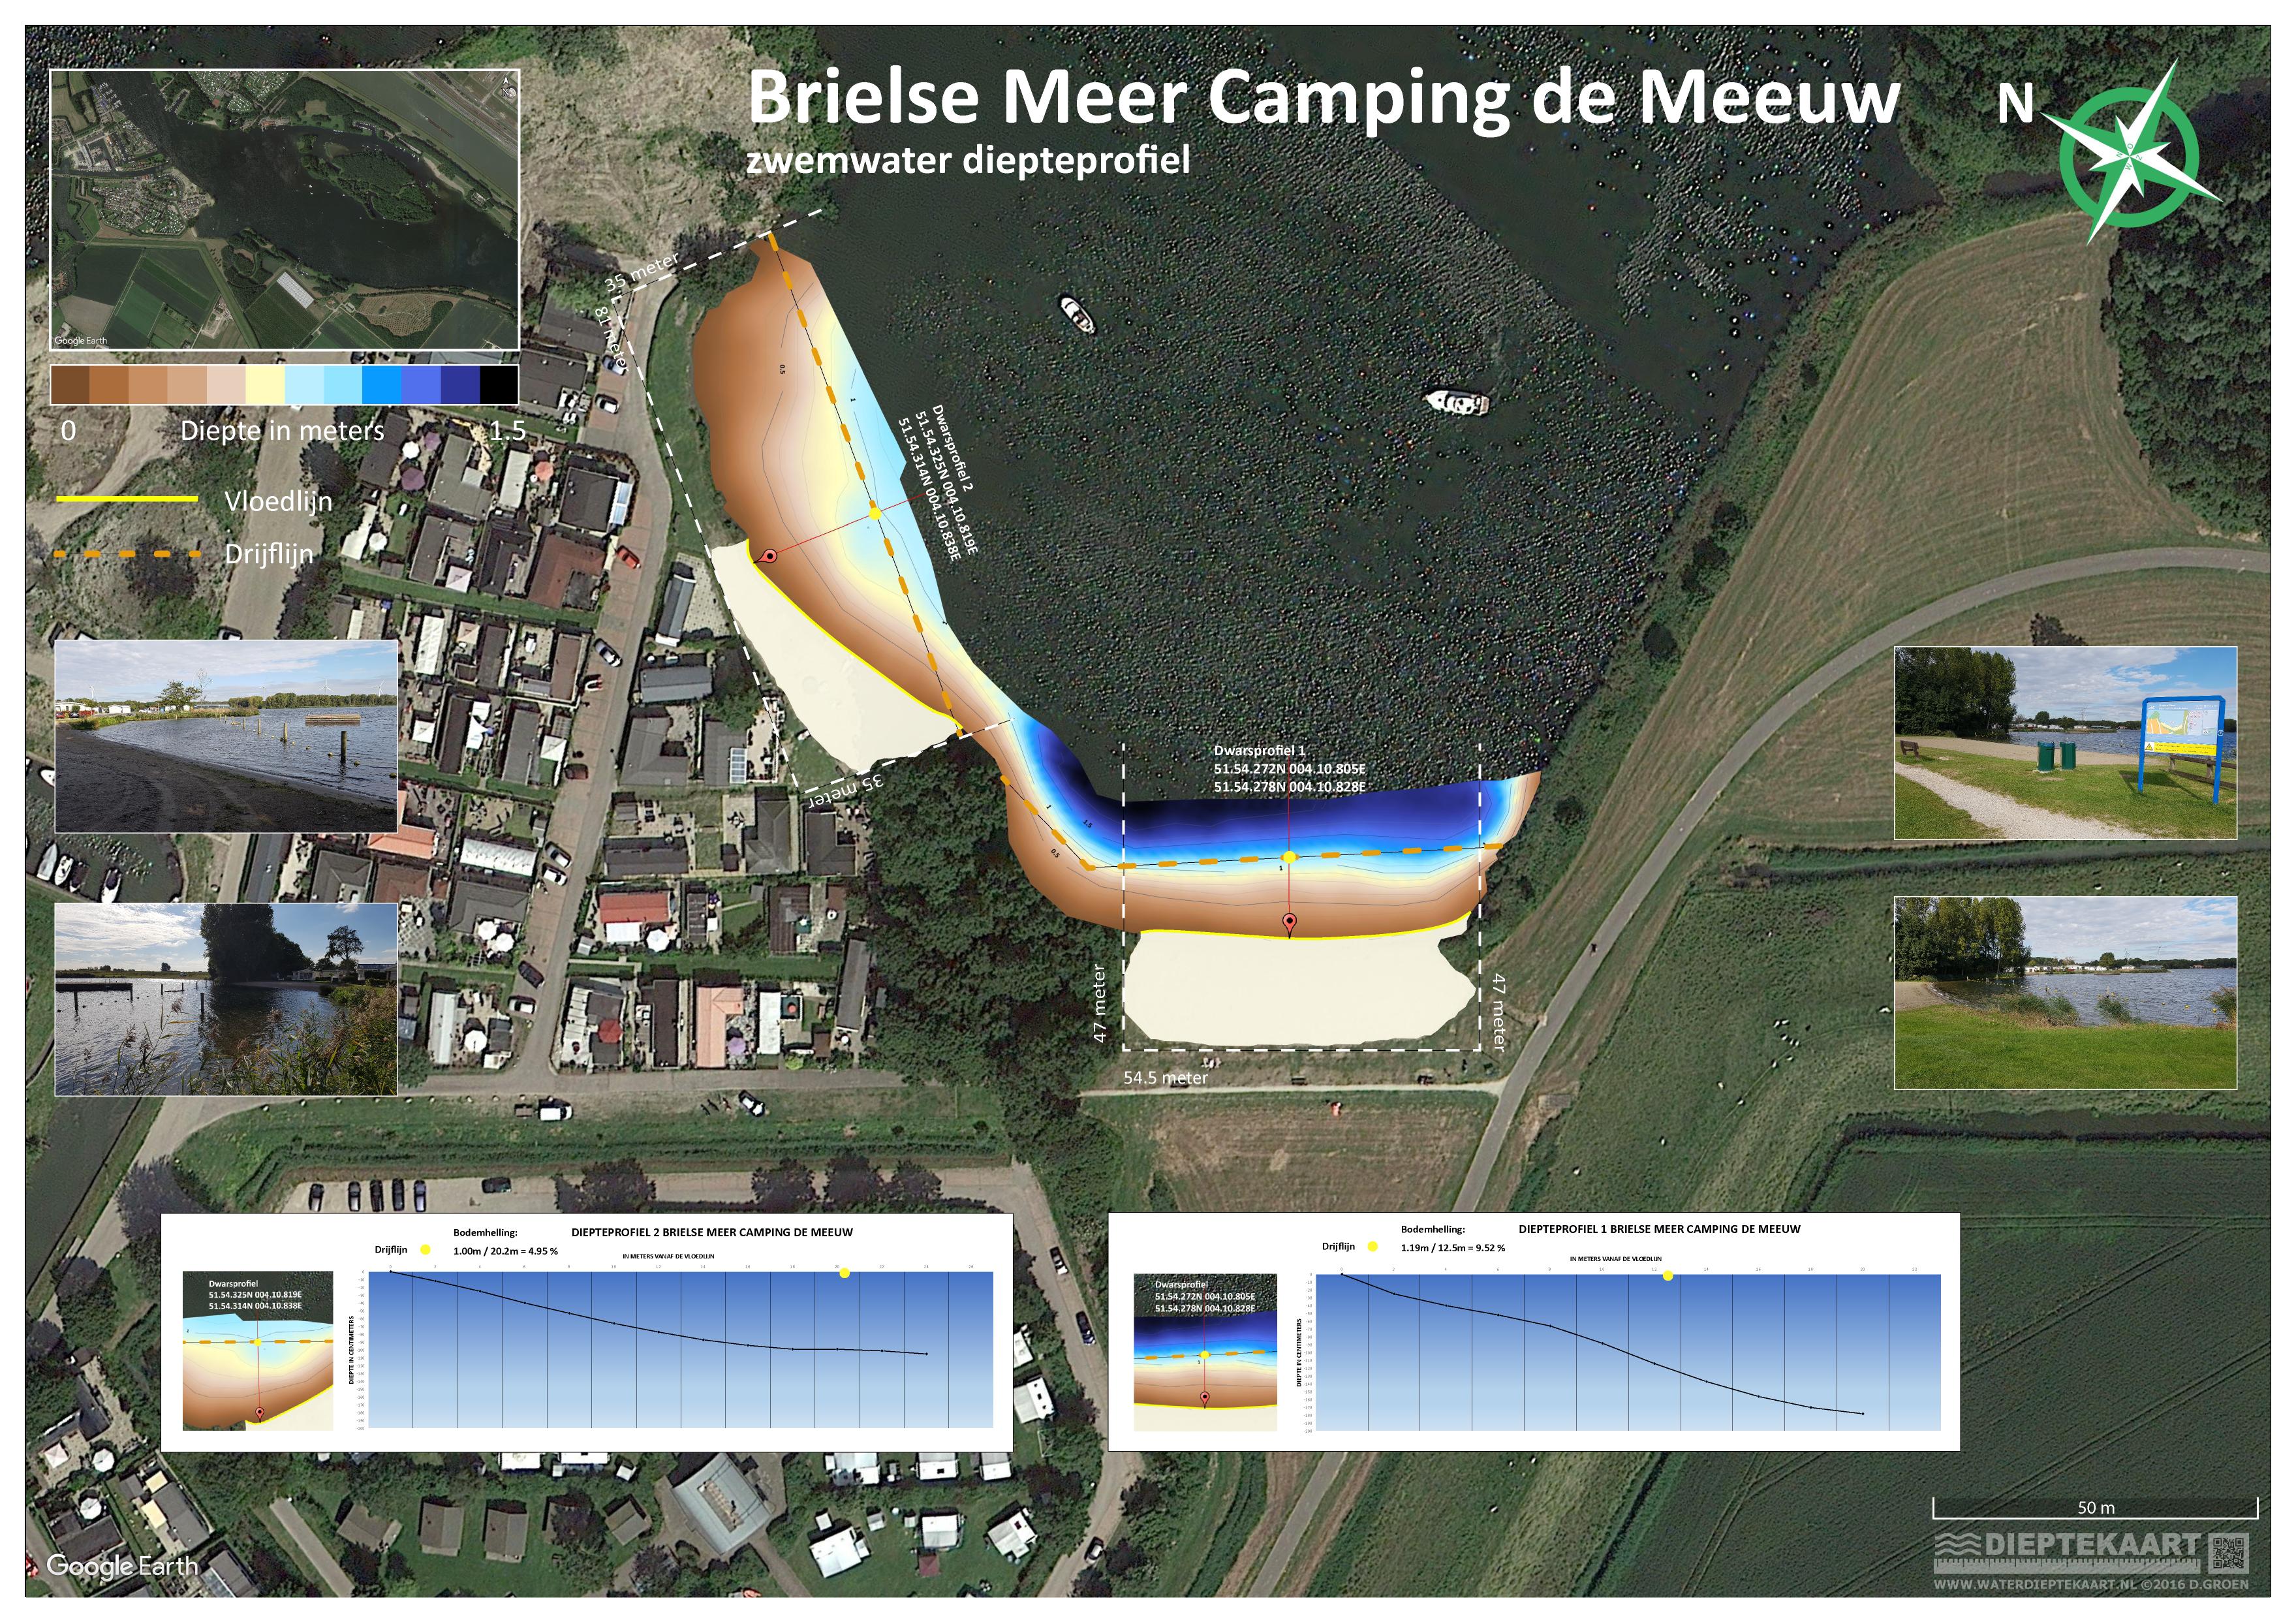 Brielsemeer1